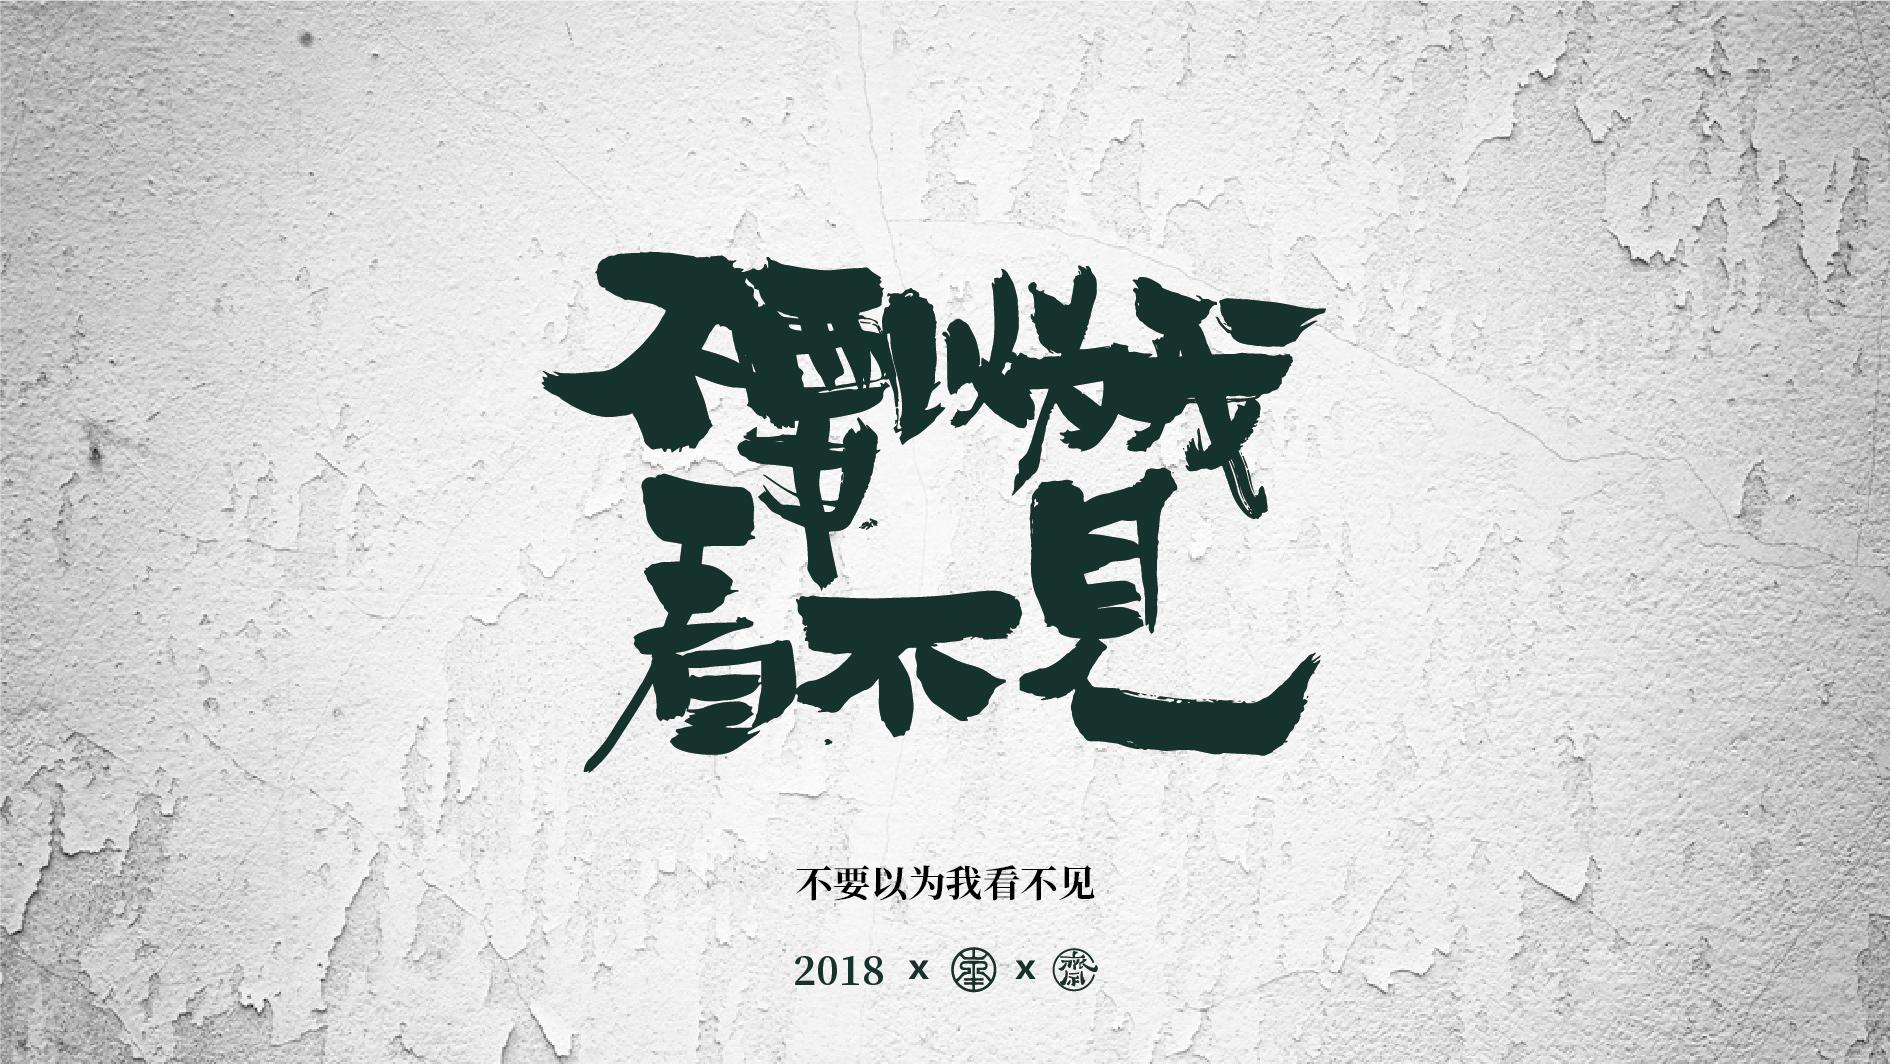 超超大神手写毛笔字第1波 之教师节系列插图(3)